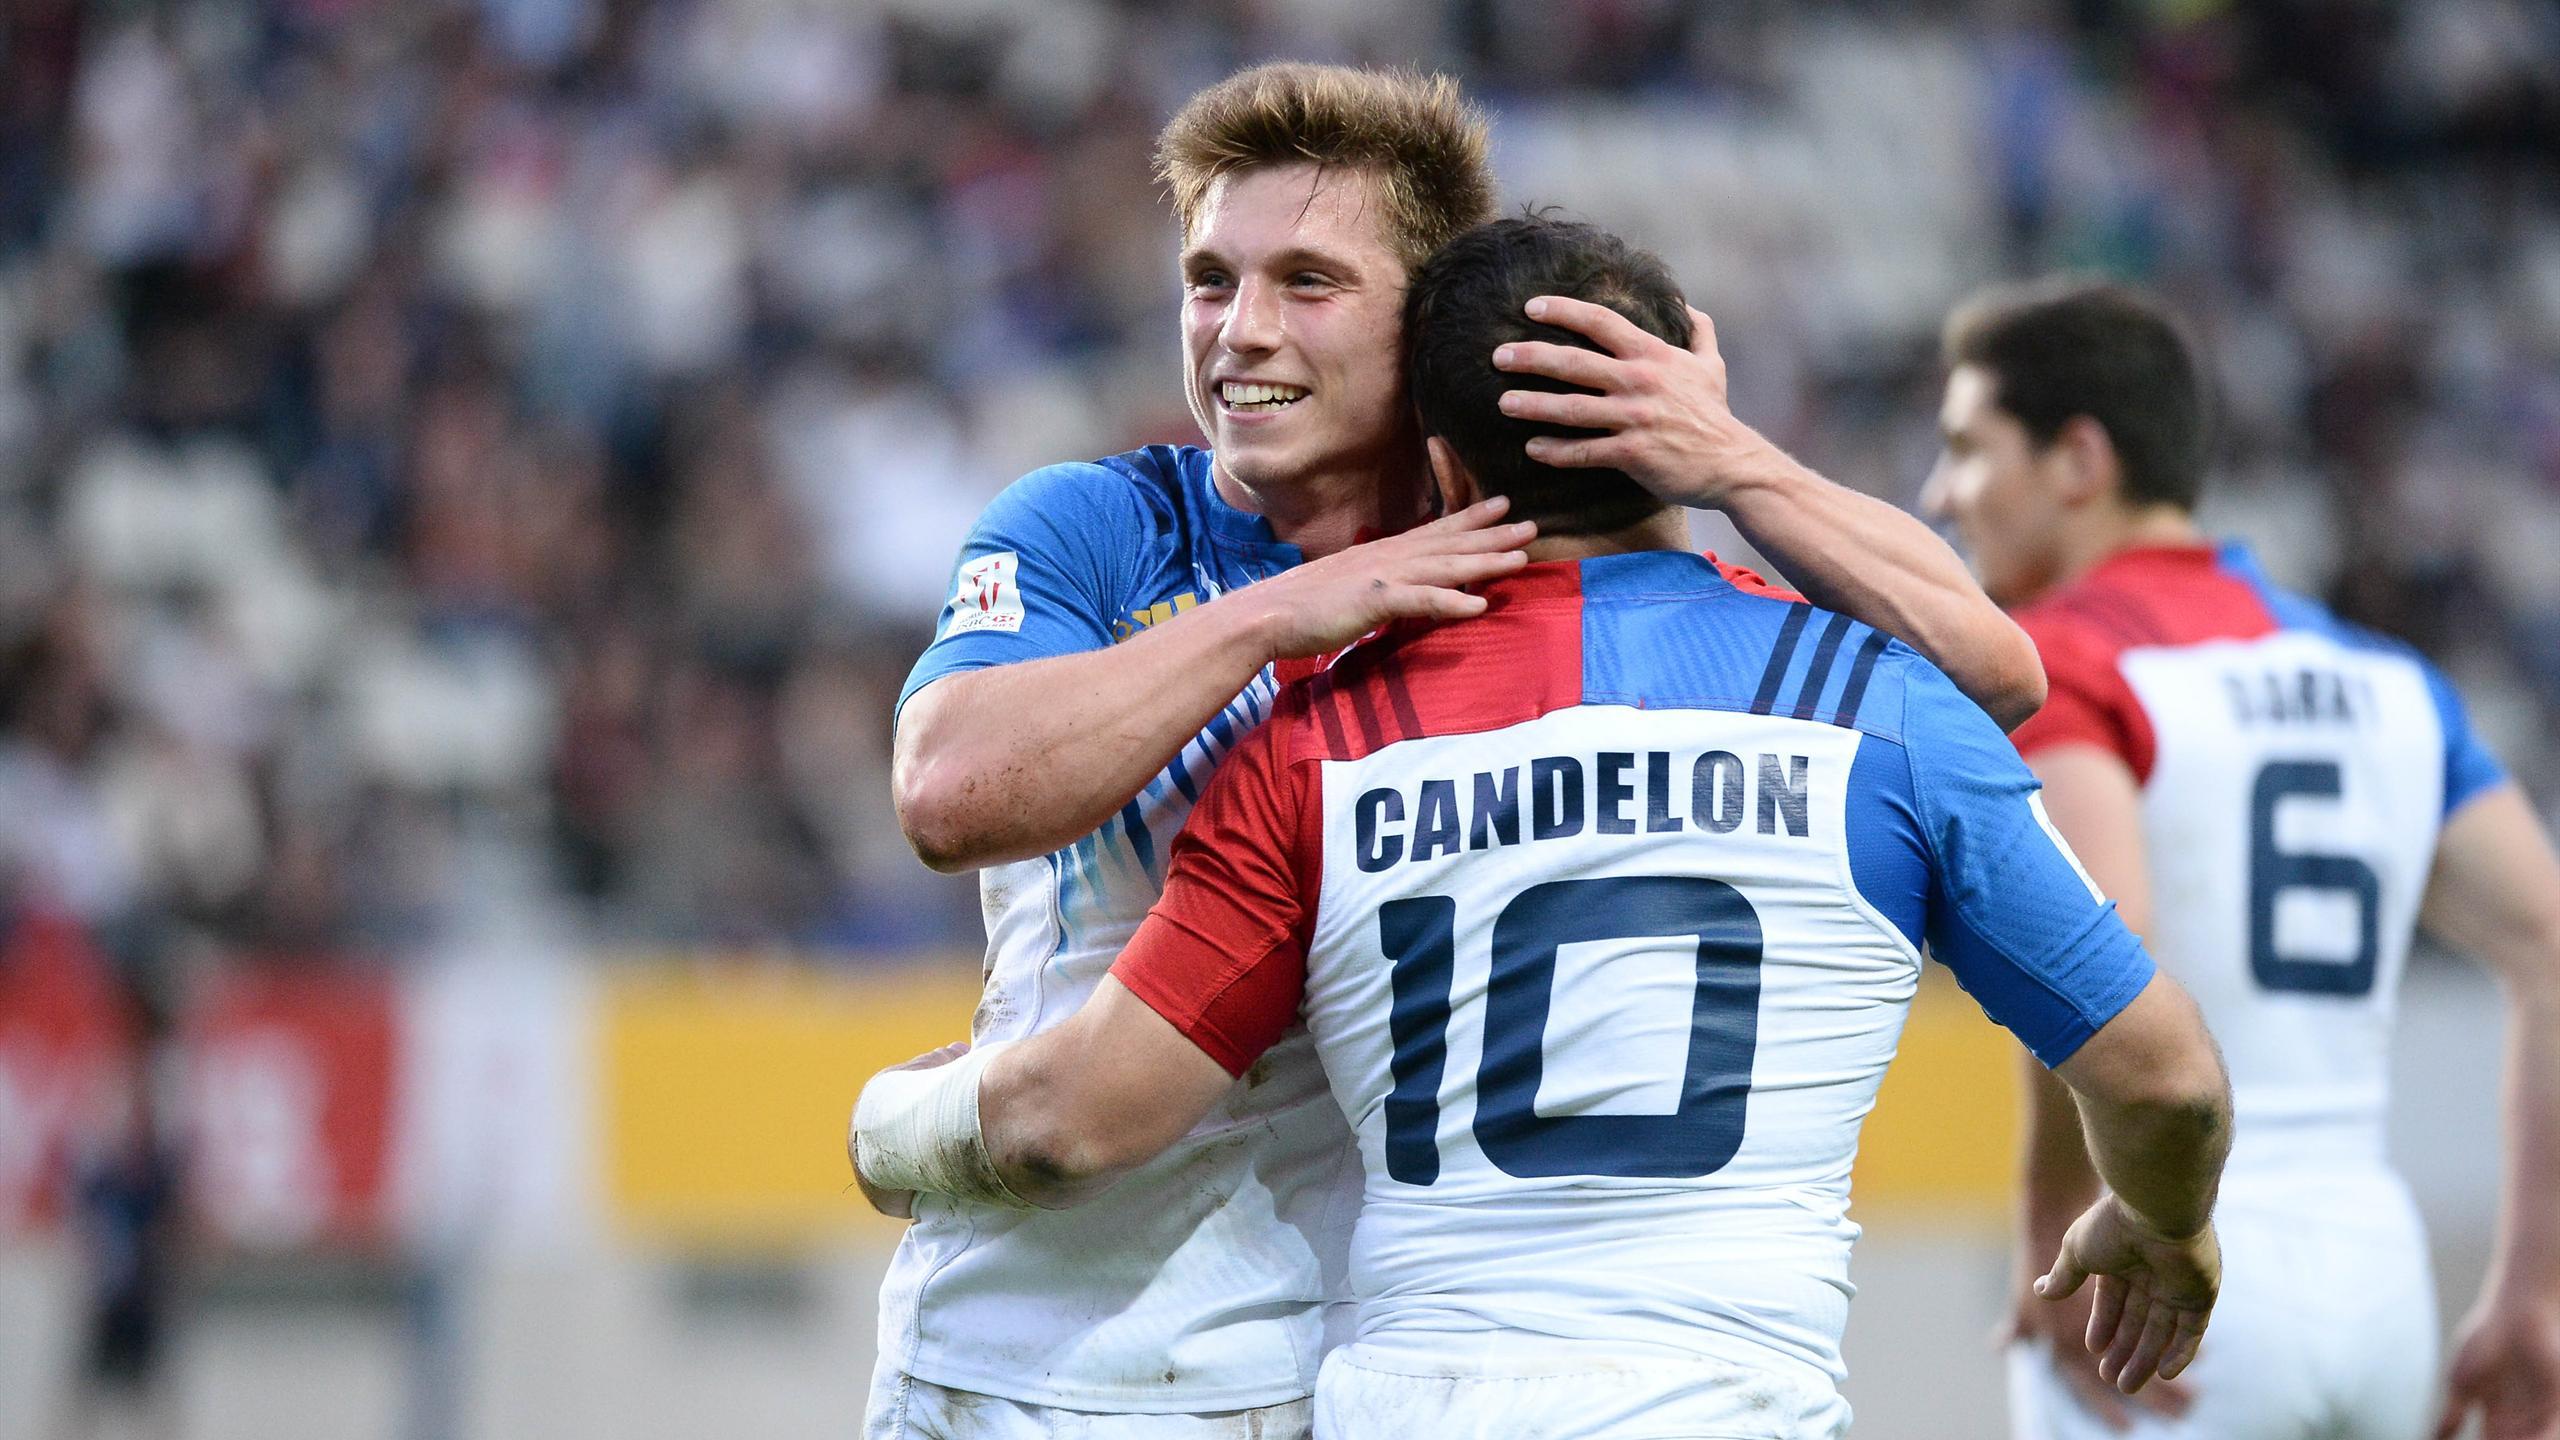 Stephen Parez et Julien Candelon (France 7) - 13 mai 2016